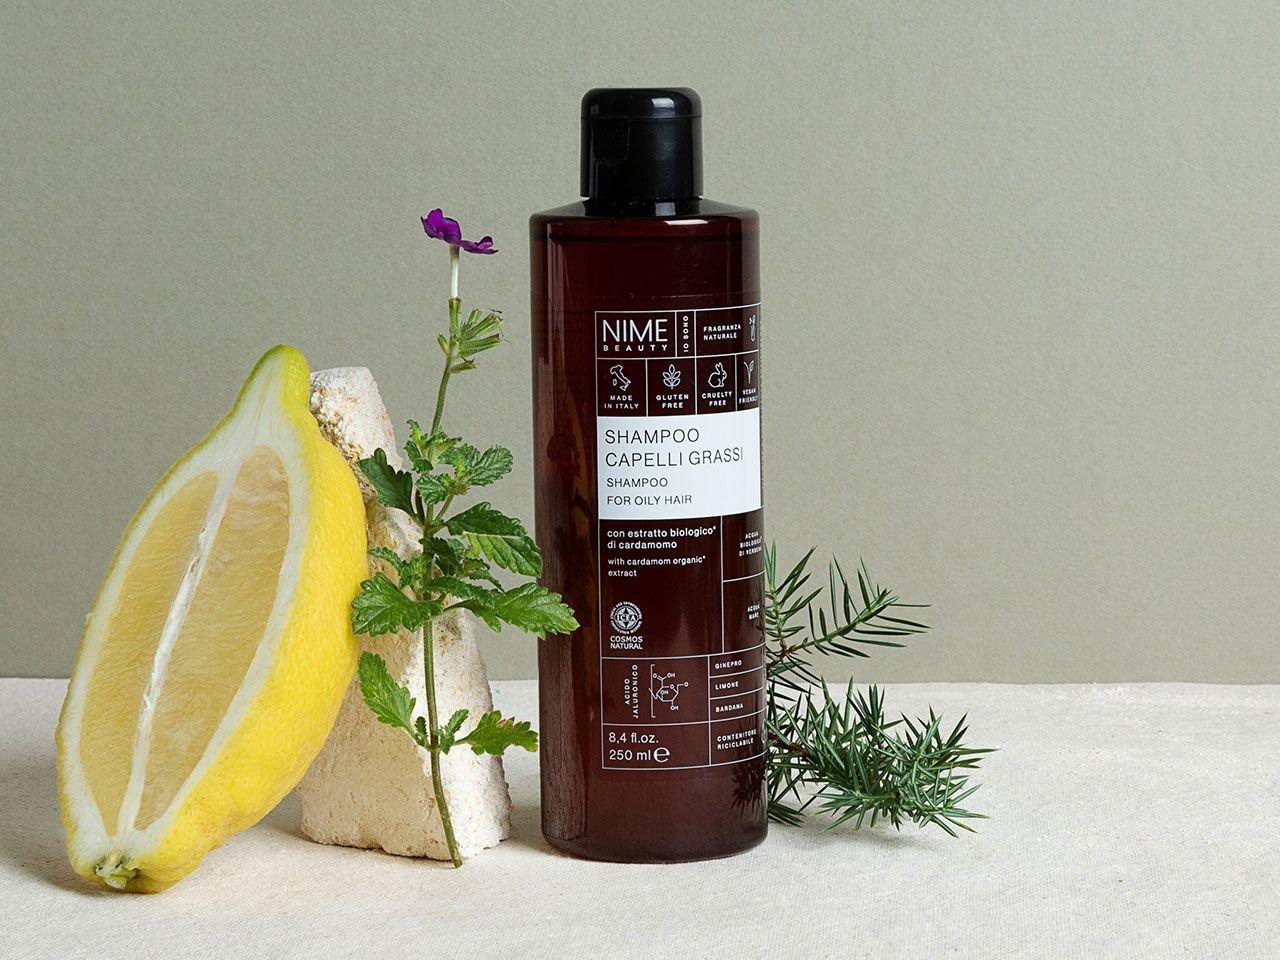 Shampoo Capelli Grassi con estratto biologico di cardamomo - v3